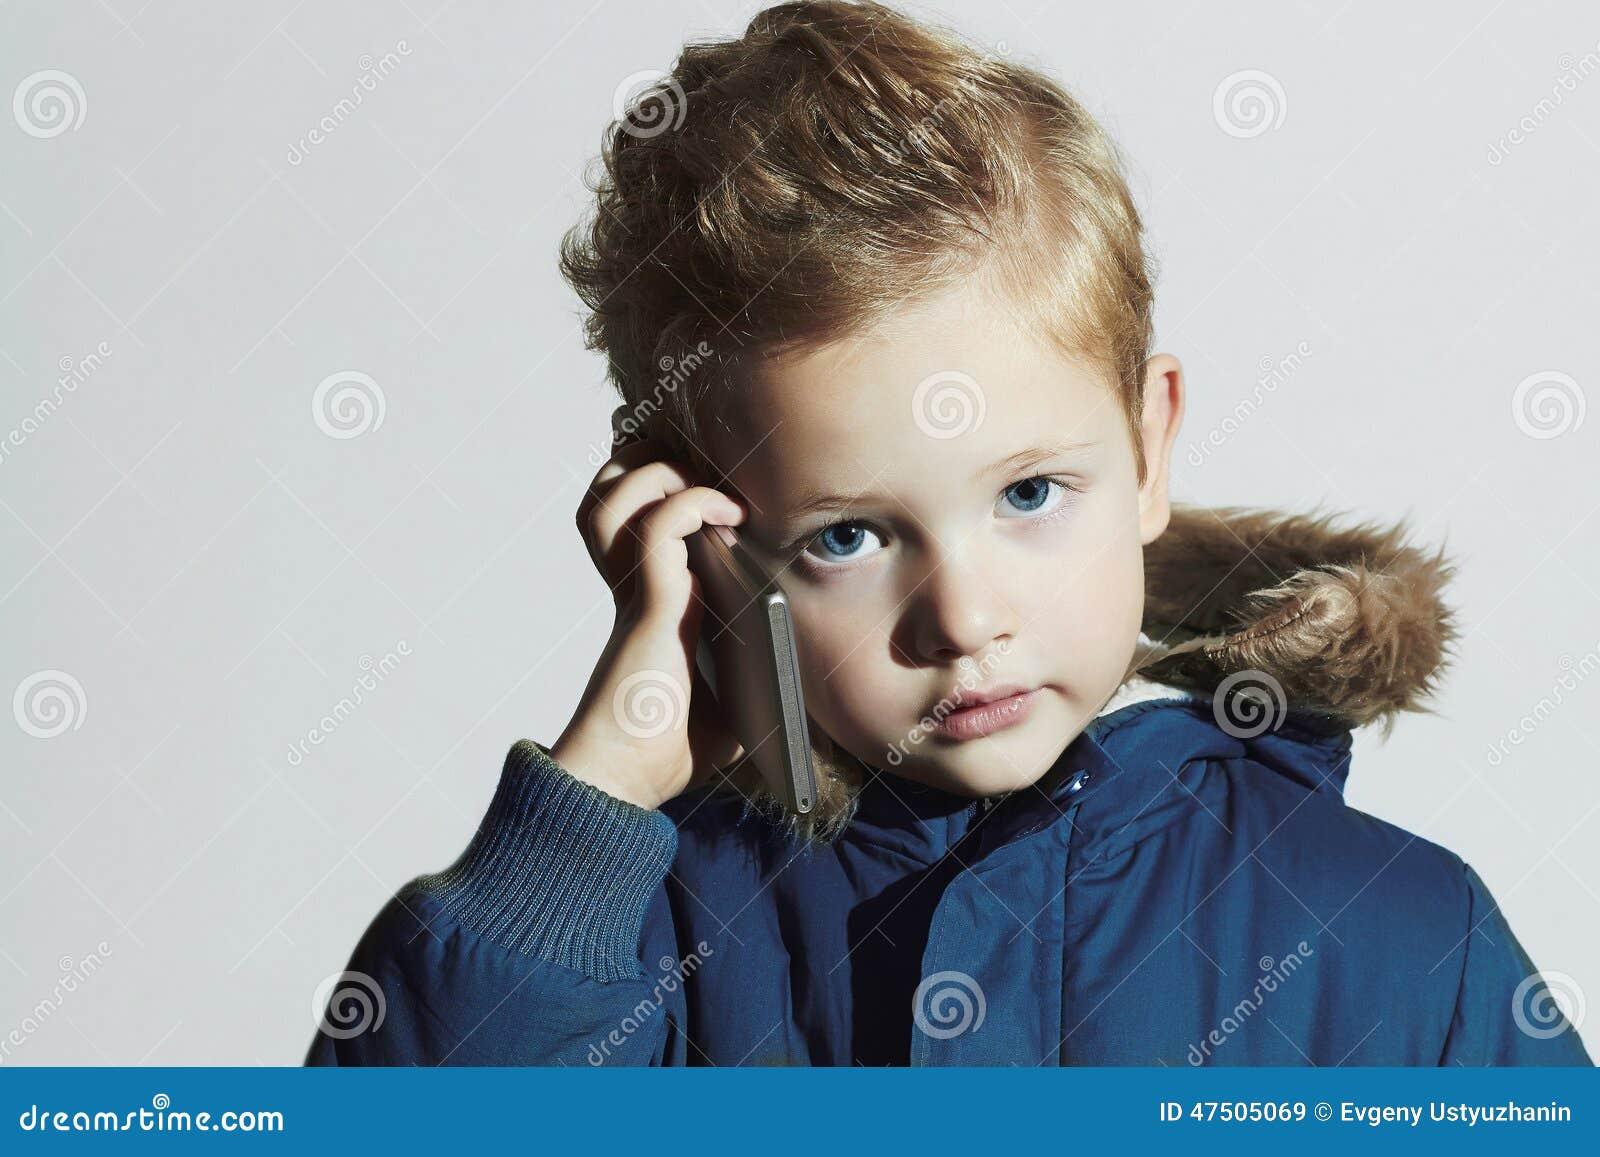 Weinig jongen met cellphone modern kind in de winterlaag de jonge geitjes van de manier kinderen - Teen moderne ruimte van de jongen ...